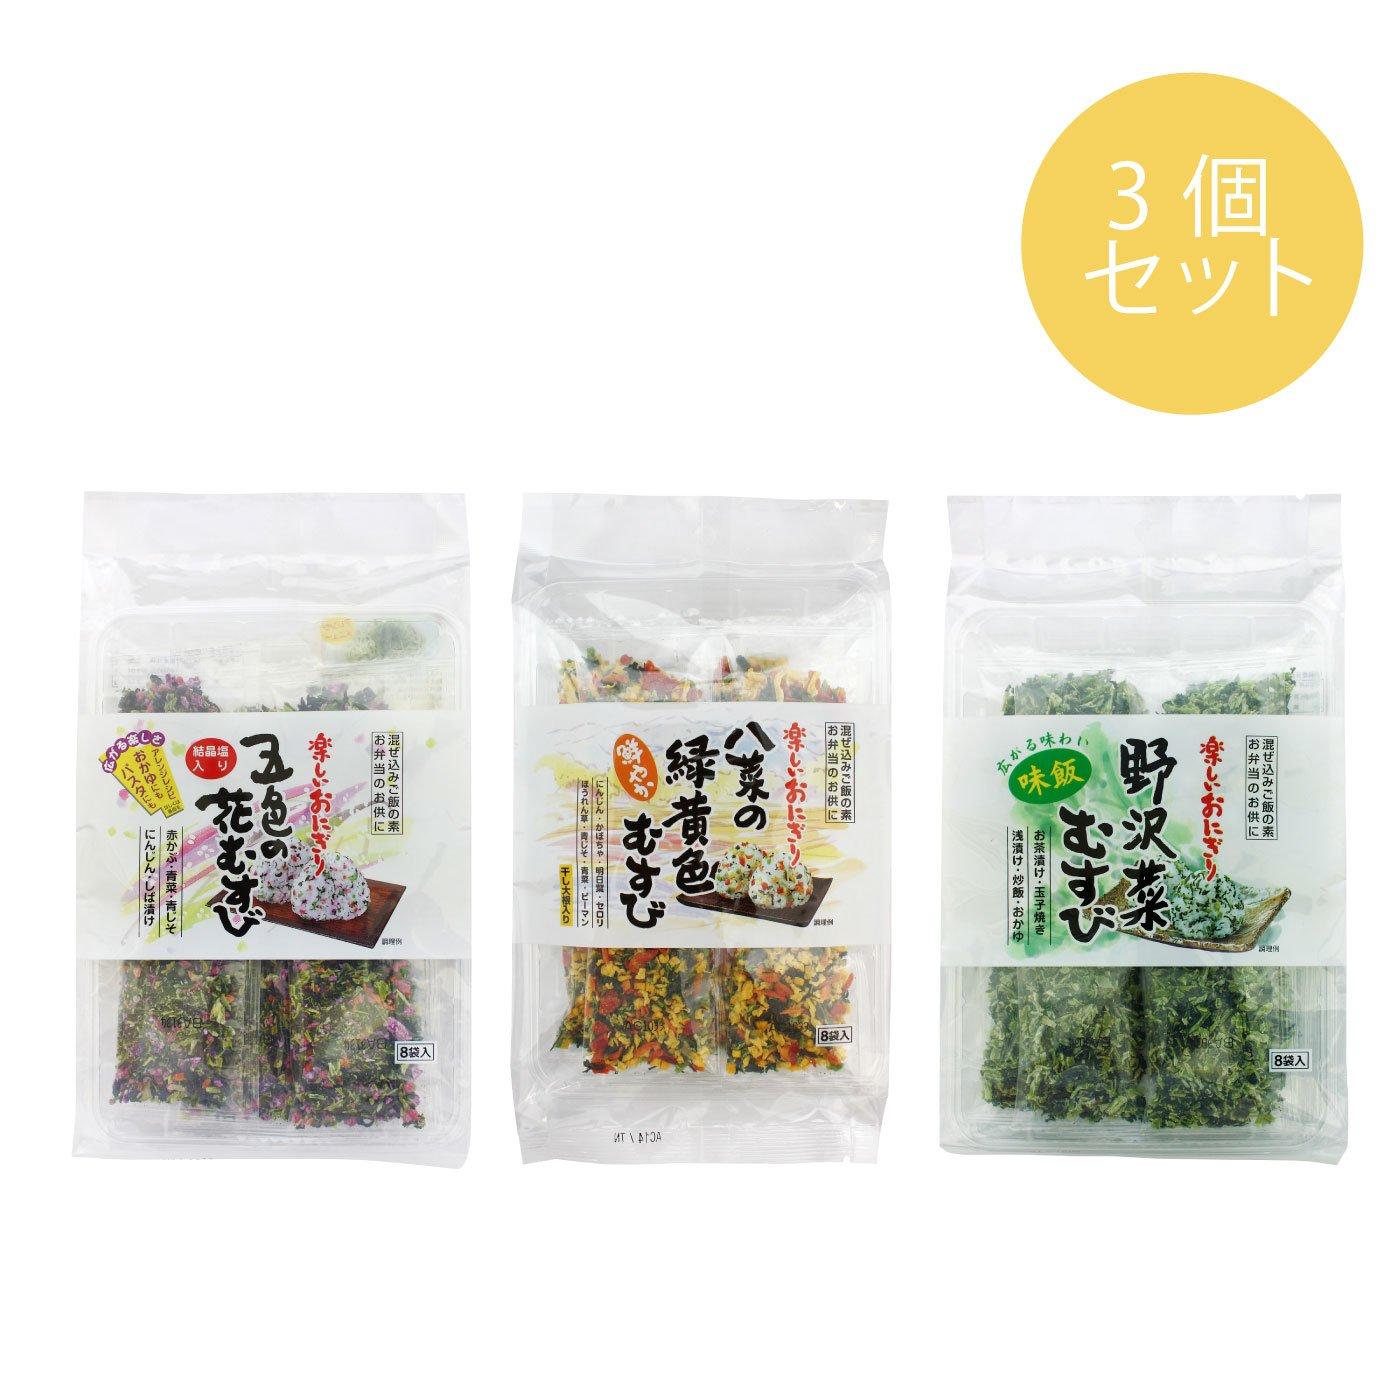 おにぎり作ろうHAPPYシリーズ 五色の花むすび&八菜の緑黄色むすび&野沢菜むすびの会